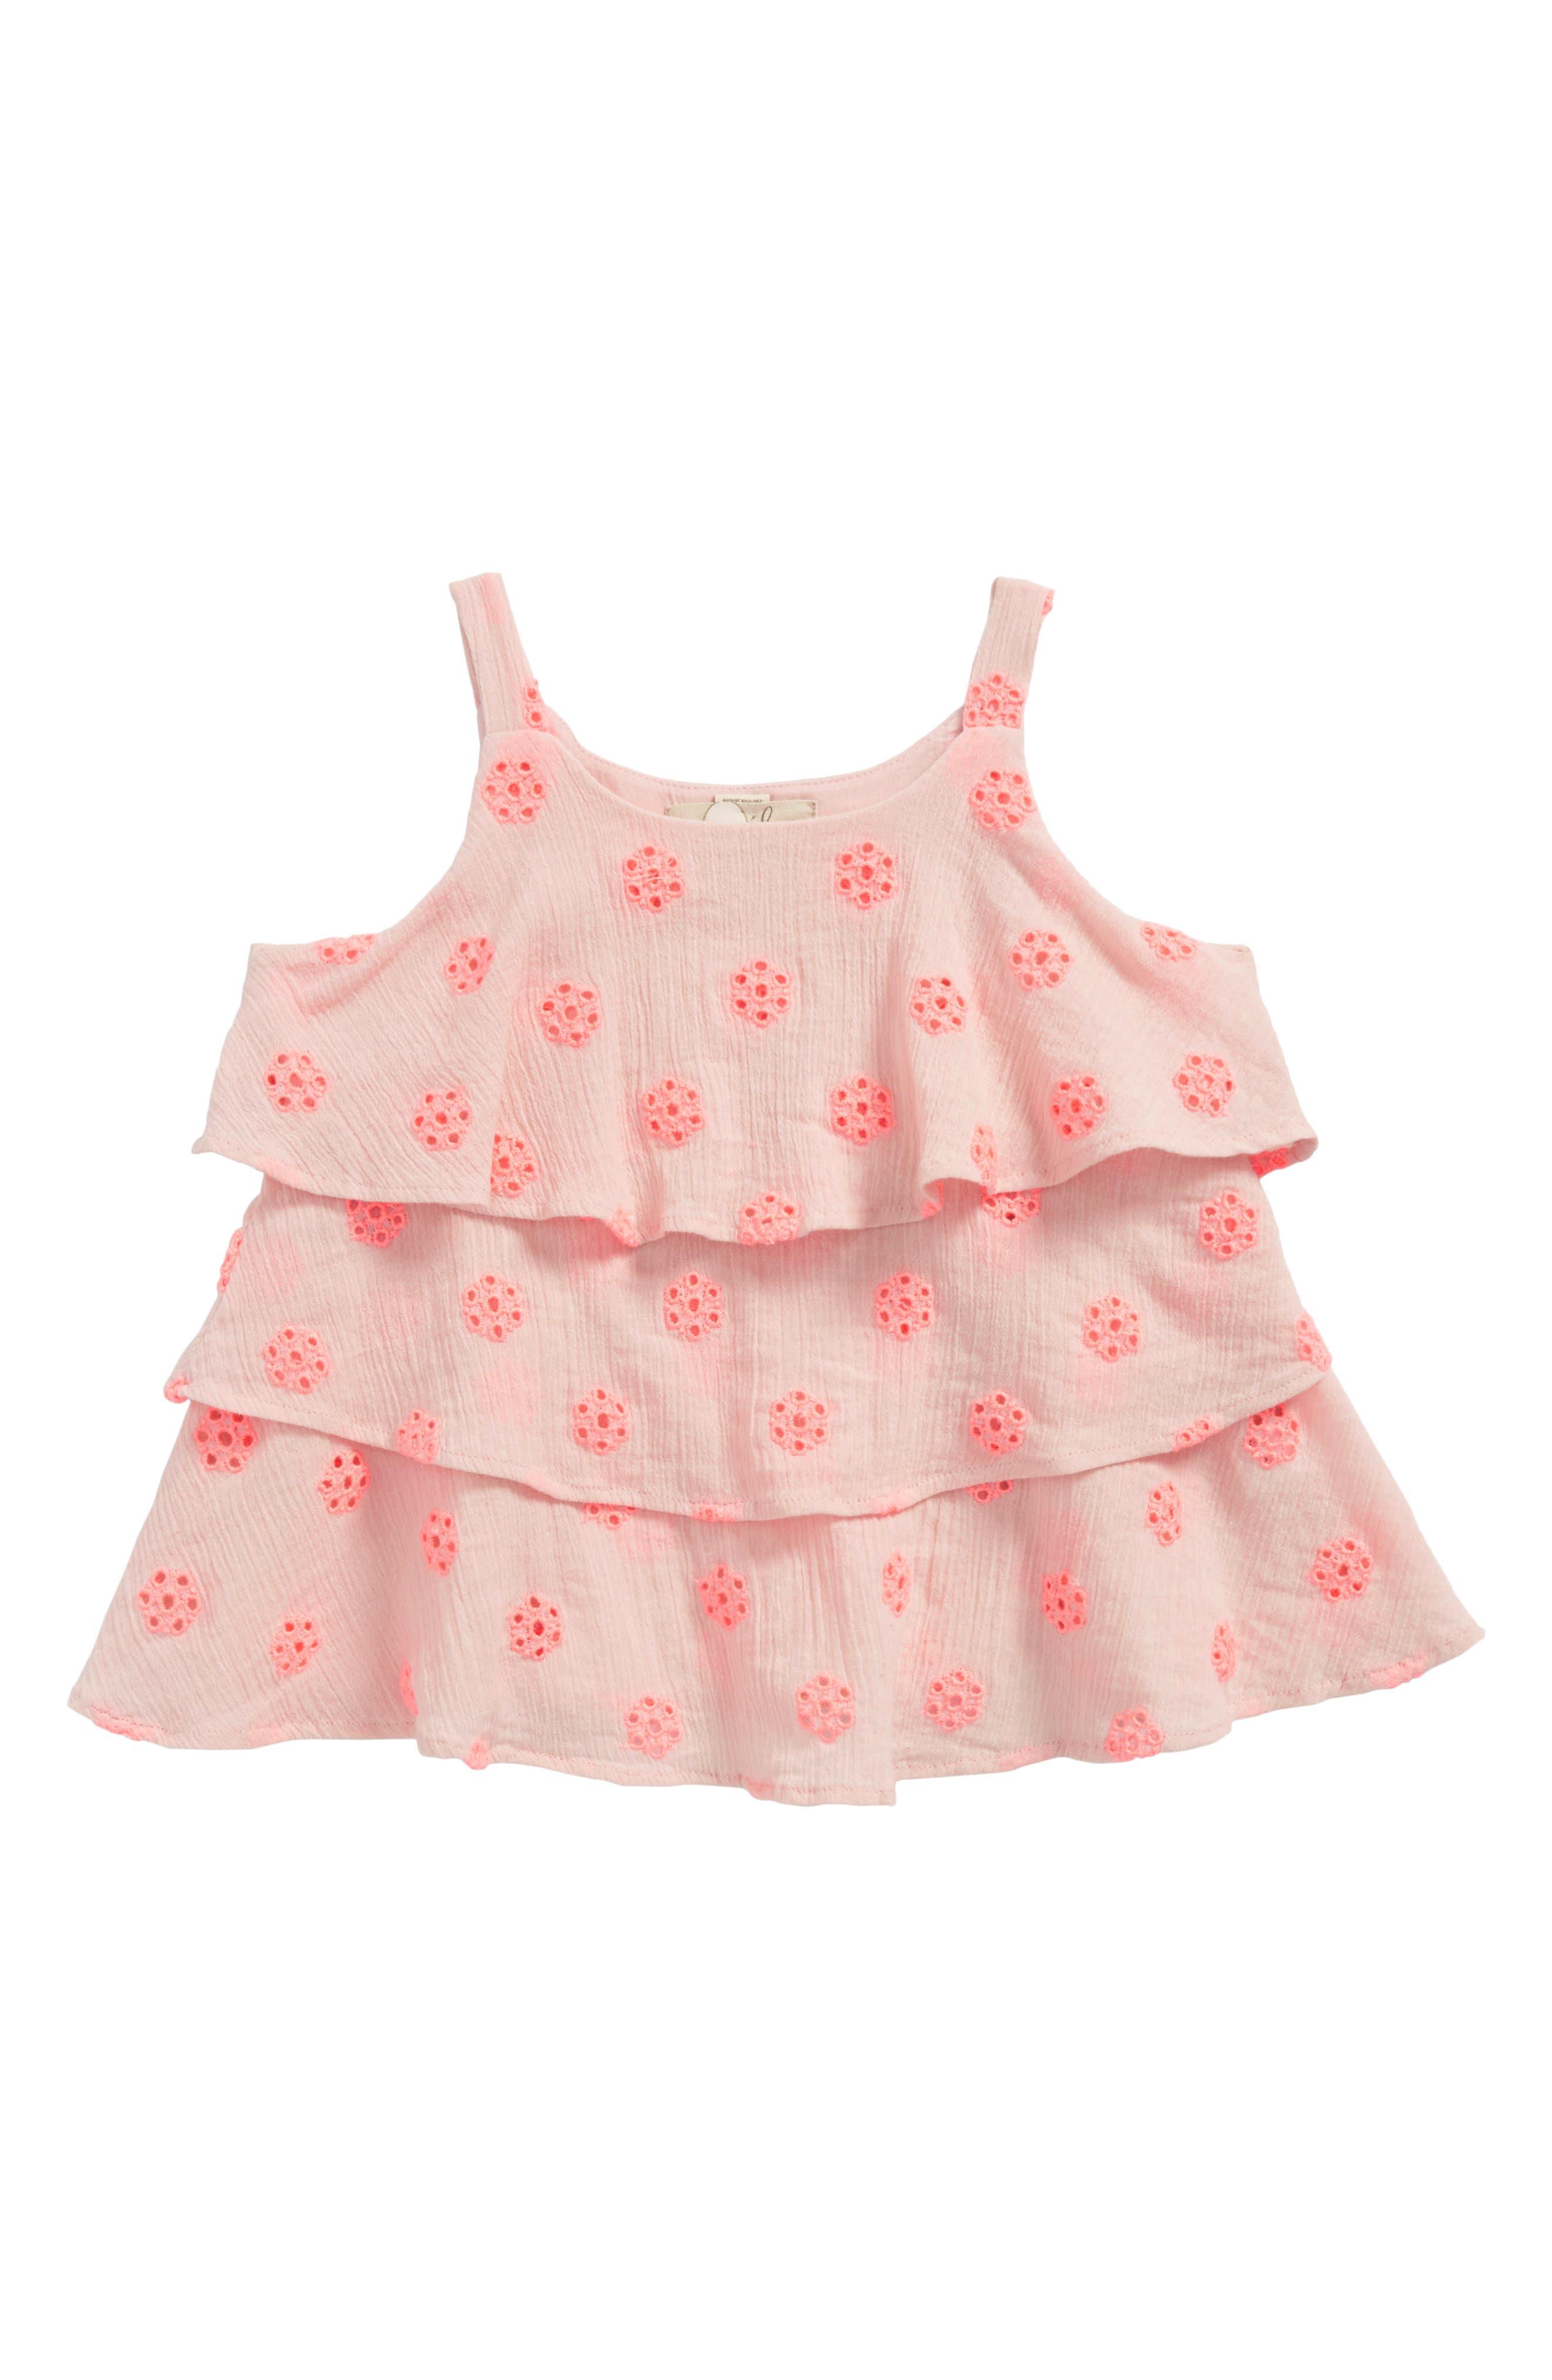 Peek Peri Crochet Top (Toddler Girls, Little Girls & Big Girls)